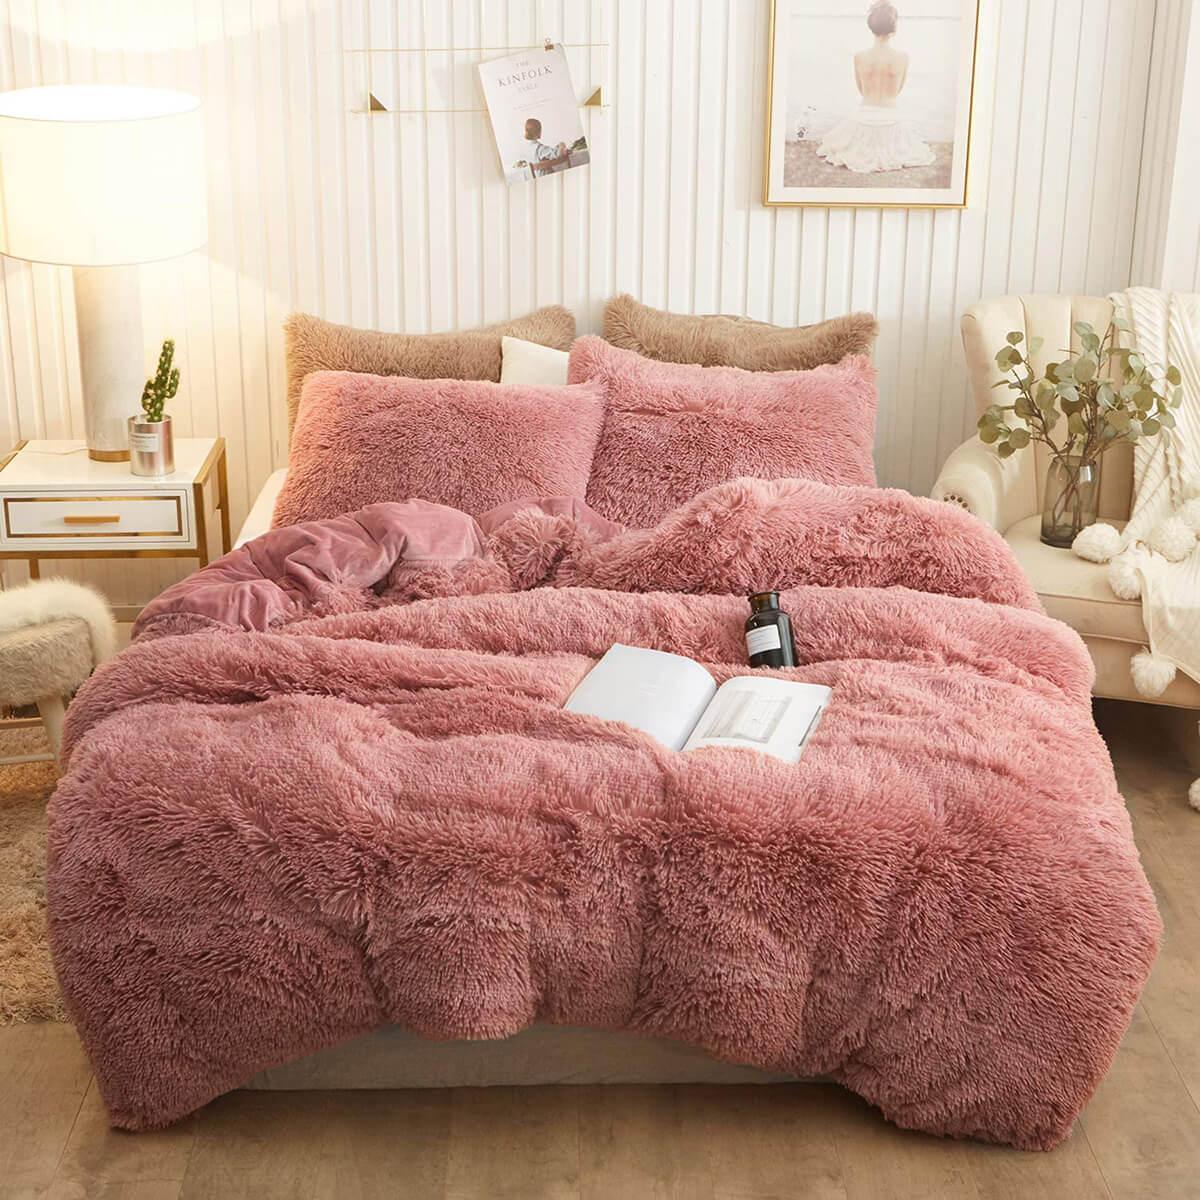 Fabulous Faux Fur Soft and Shaggy Duvet